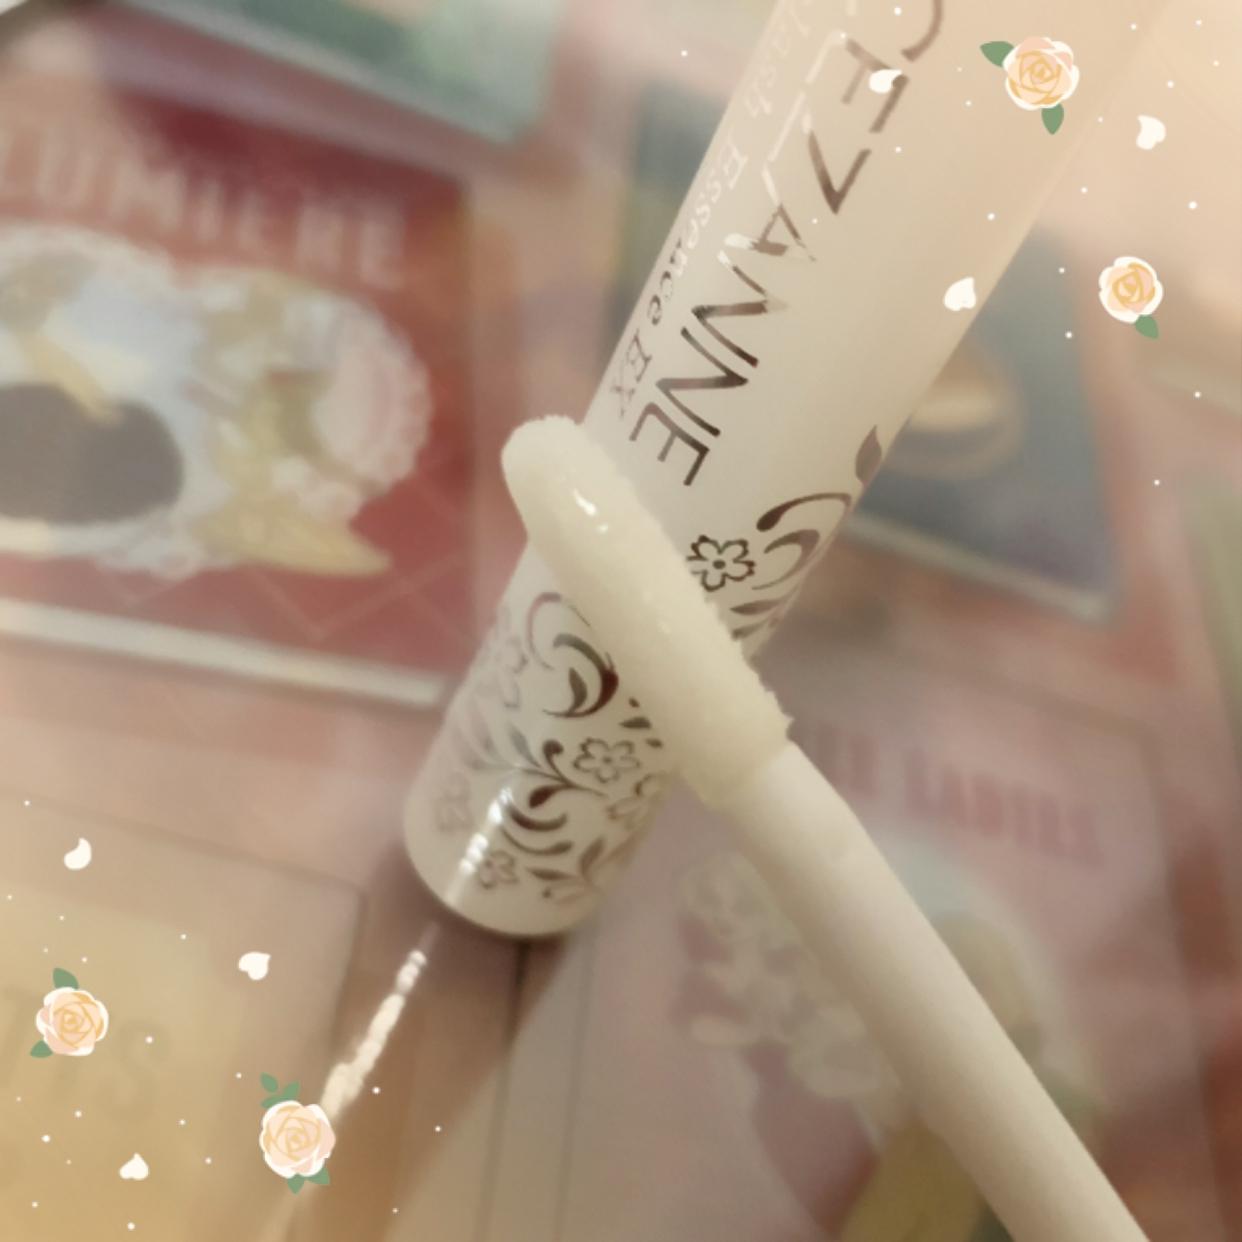 CEZANNE(セザンヌ)まつげ美容液EXを使ったAyumiさんのクチコミ画像2